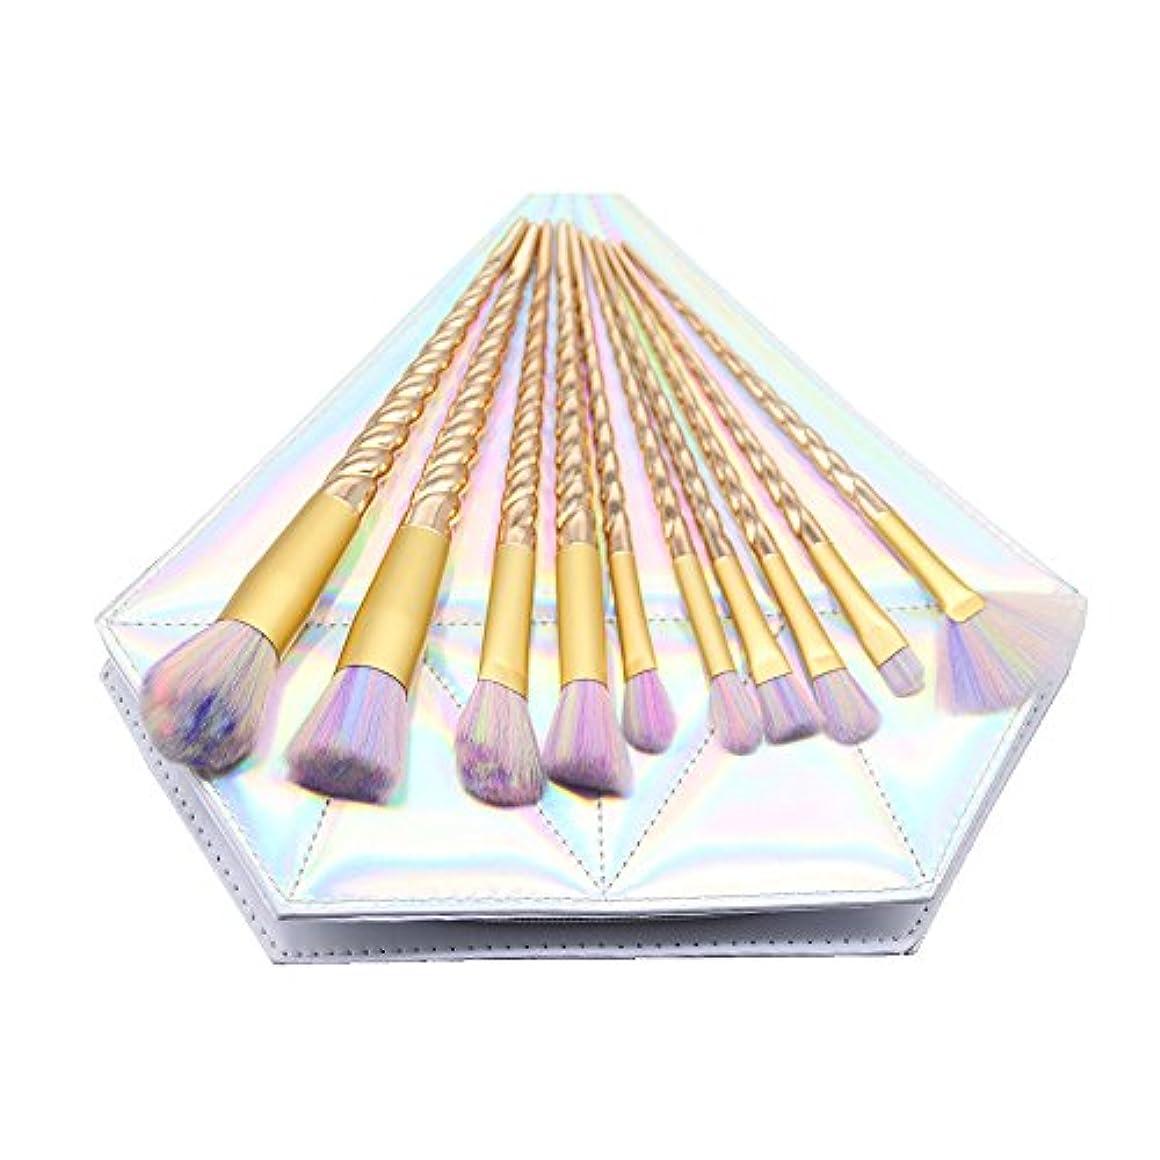 畝間消化器落胆したDilla Beauty メイクブラシセット 10本セット ユニコーンデザイン プラスチックハンドル 合成毛 ファンデーションブラシ アイシャドーブラッシャー 美容ツール 化粧品のバッグ付き